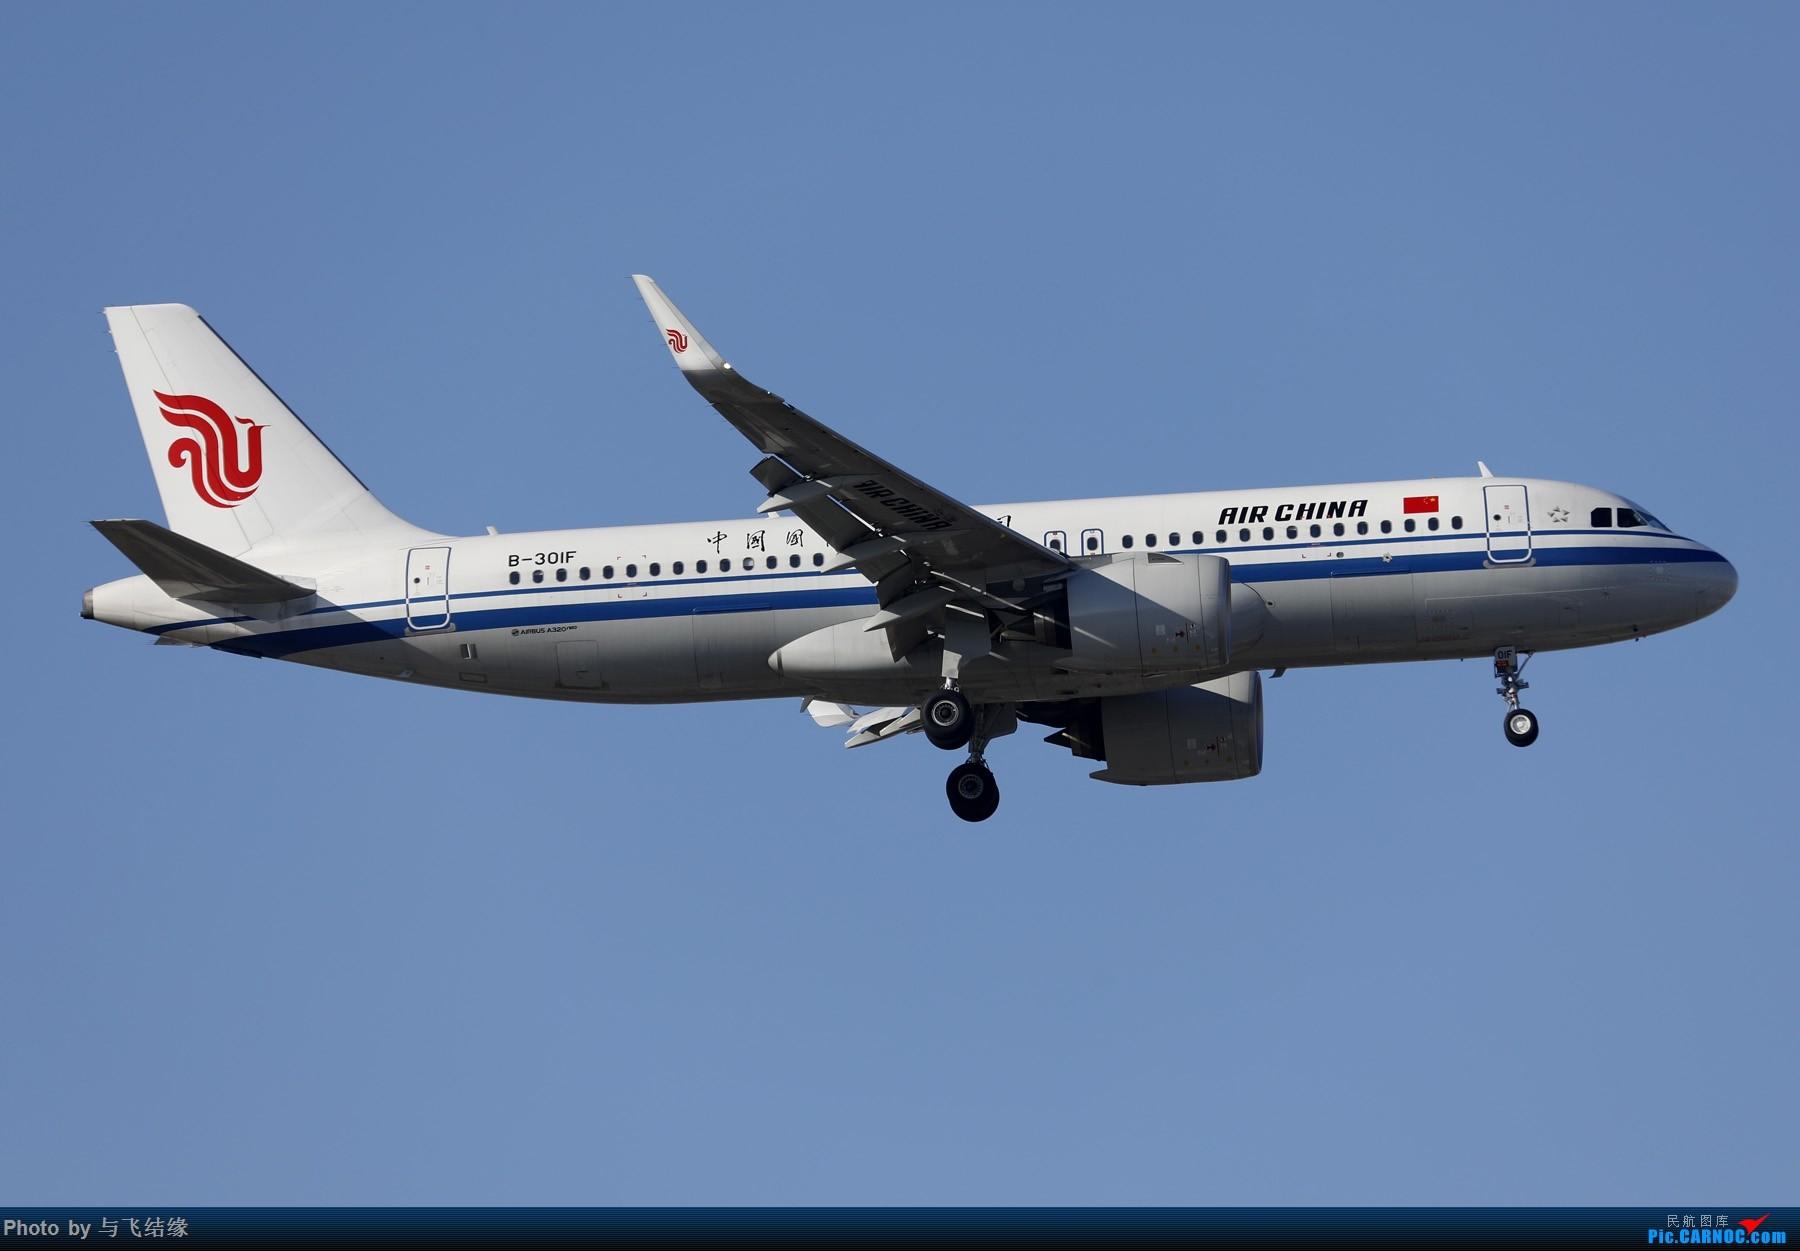 Re:[原创]近期的几张图,以空客为主吧。 AIRBUS A320NEO B-301F 中国北京首都国际机场